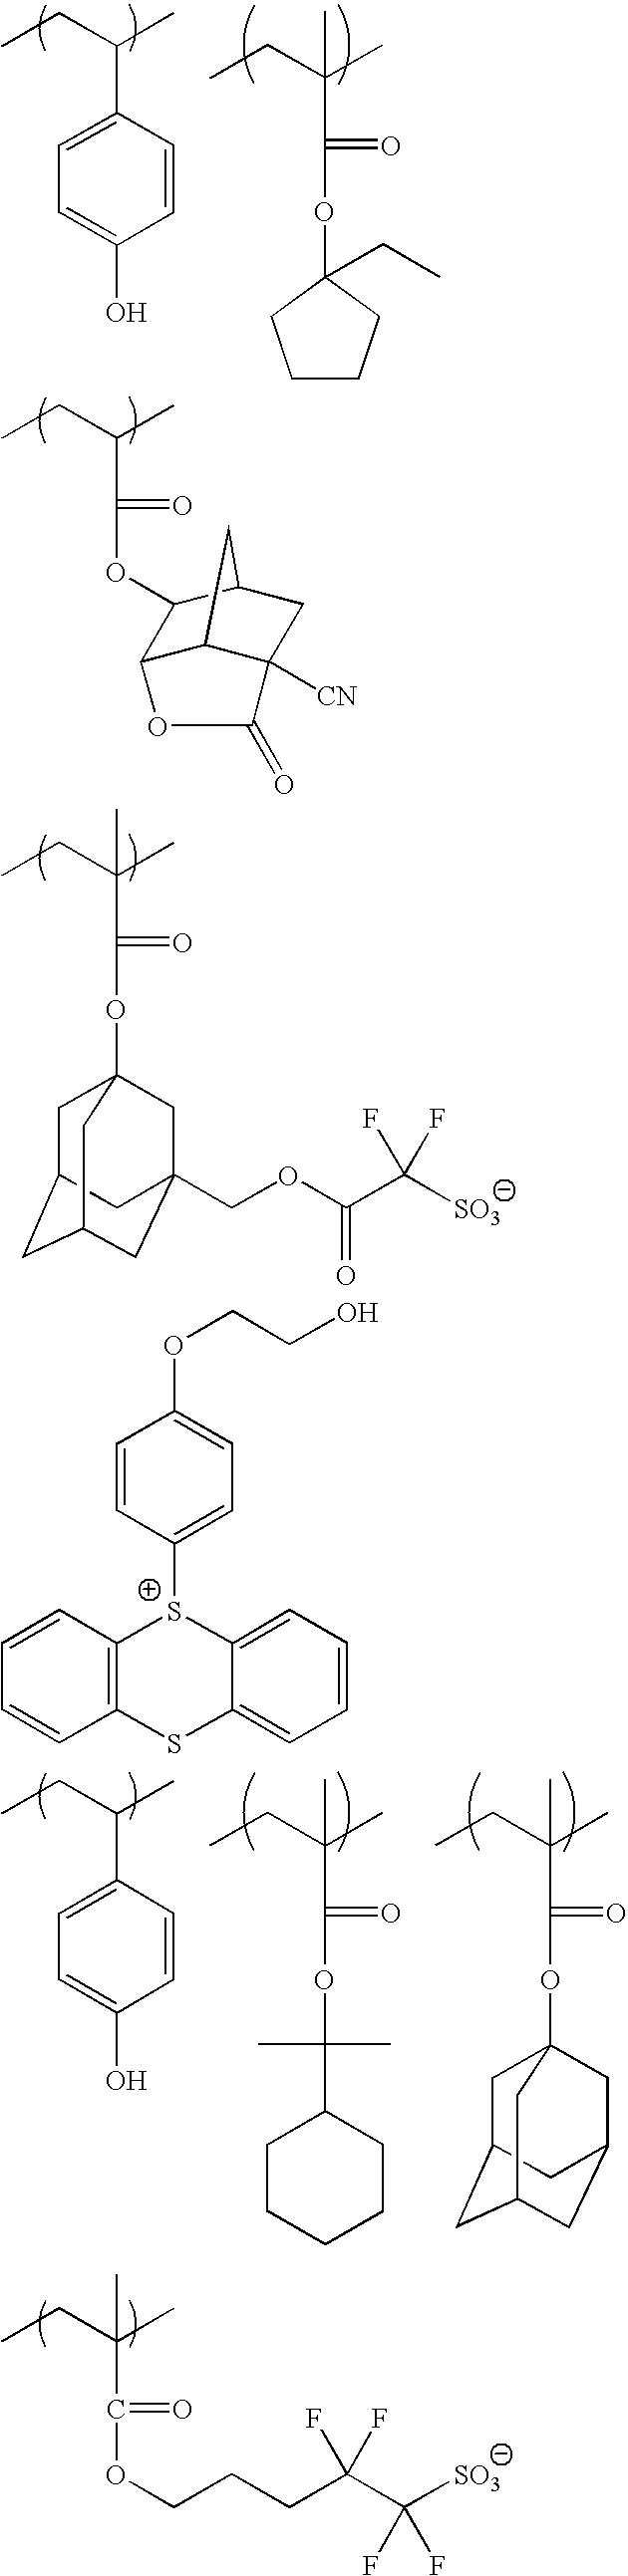 Figure US20100183975A1-20100722-C00205